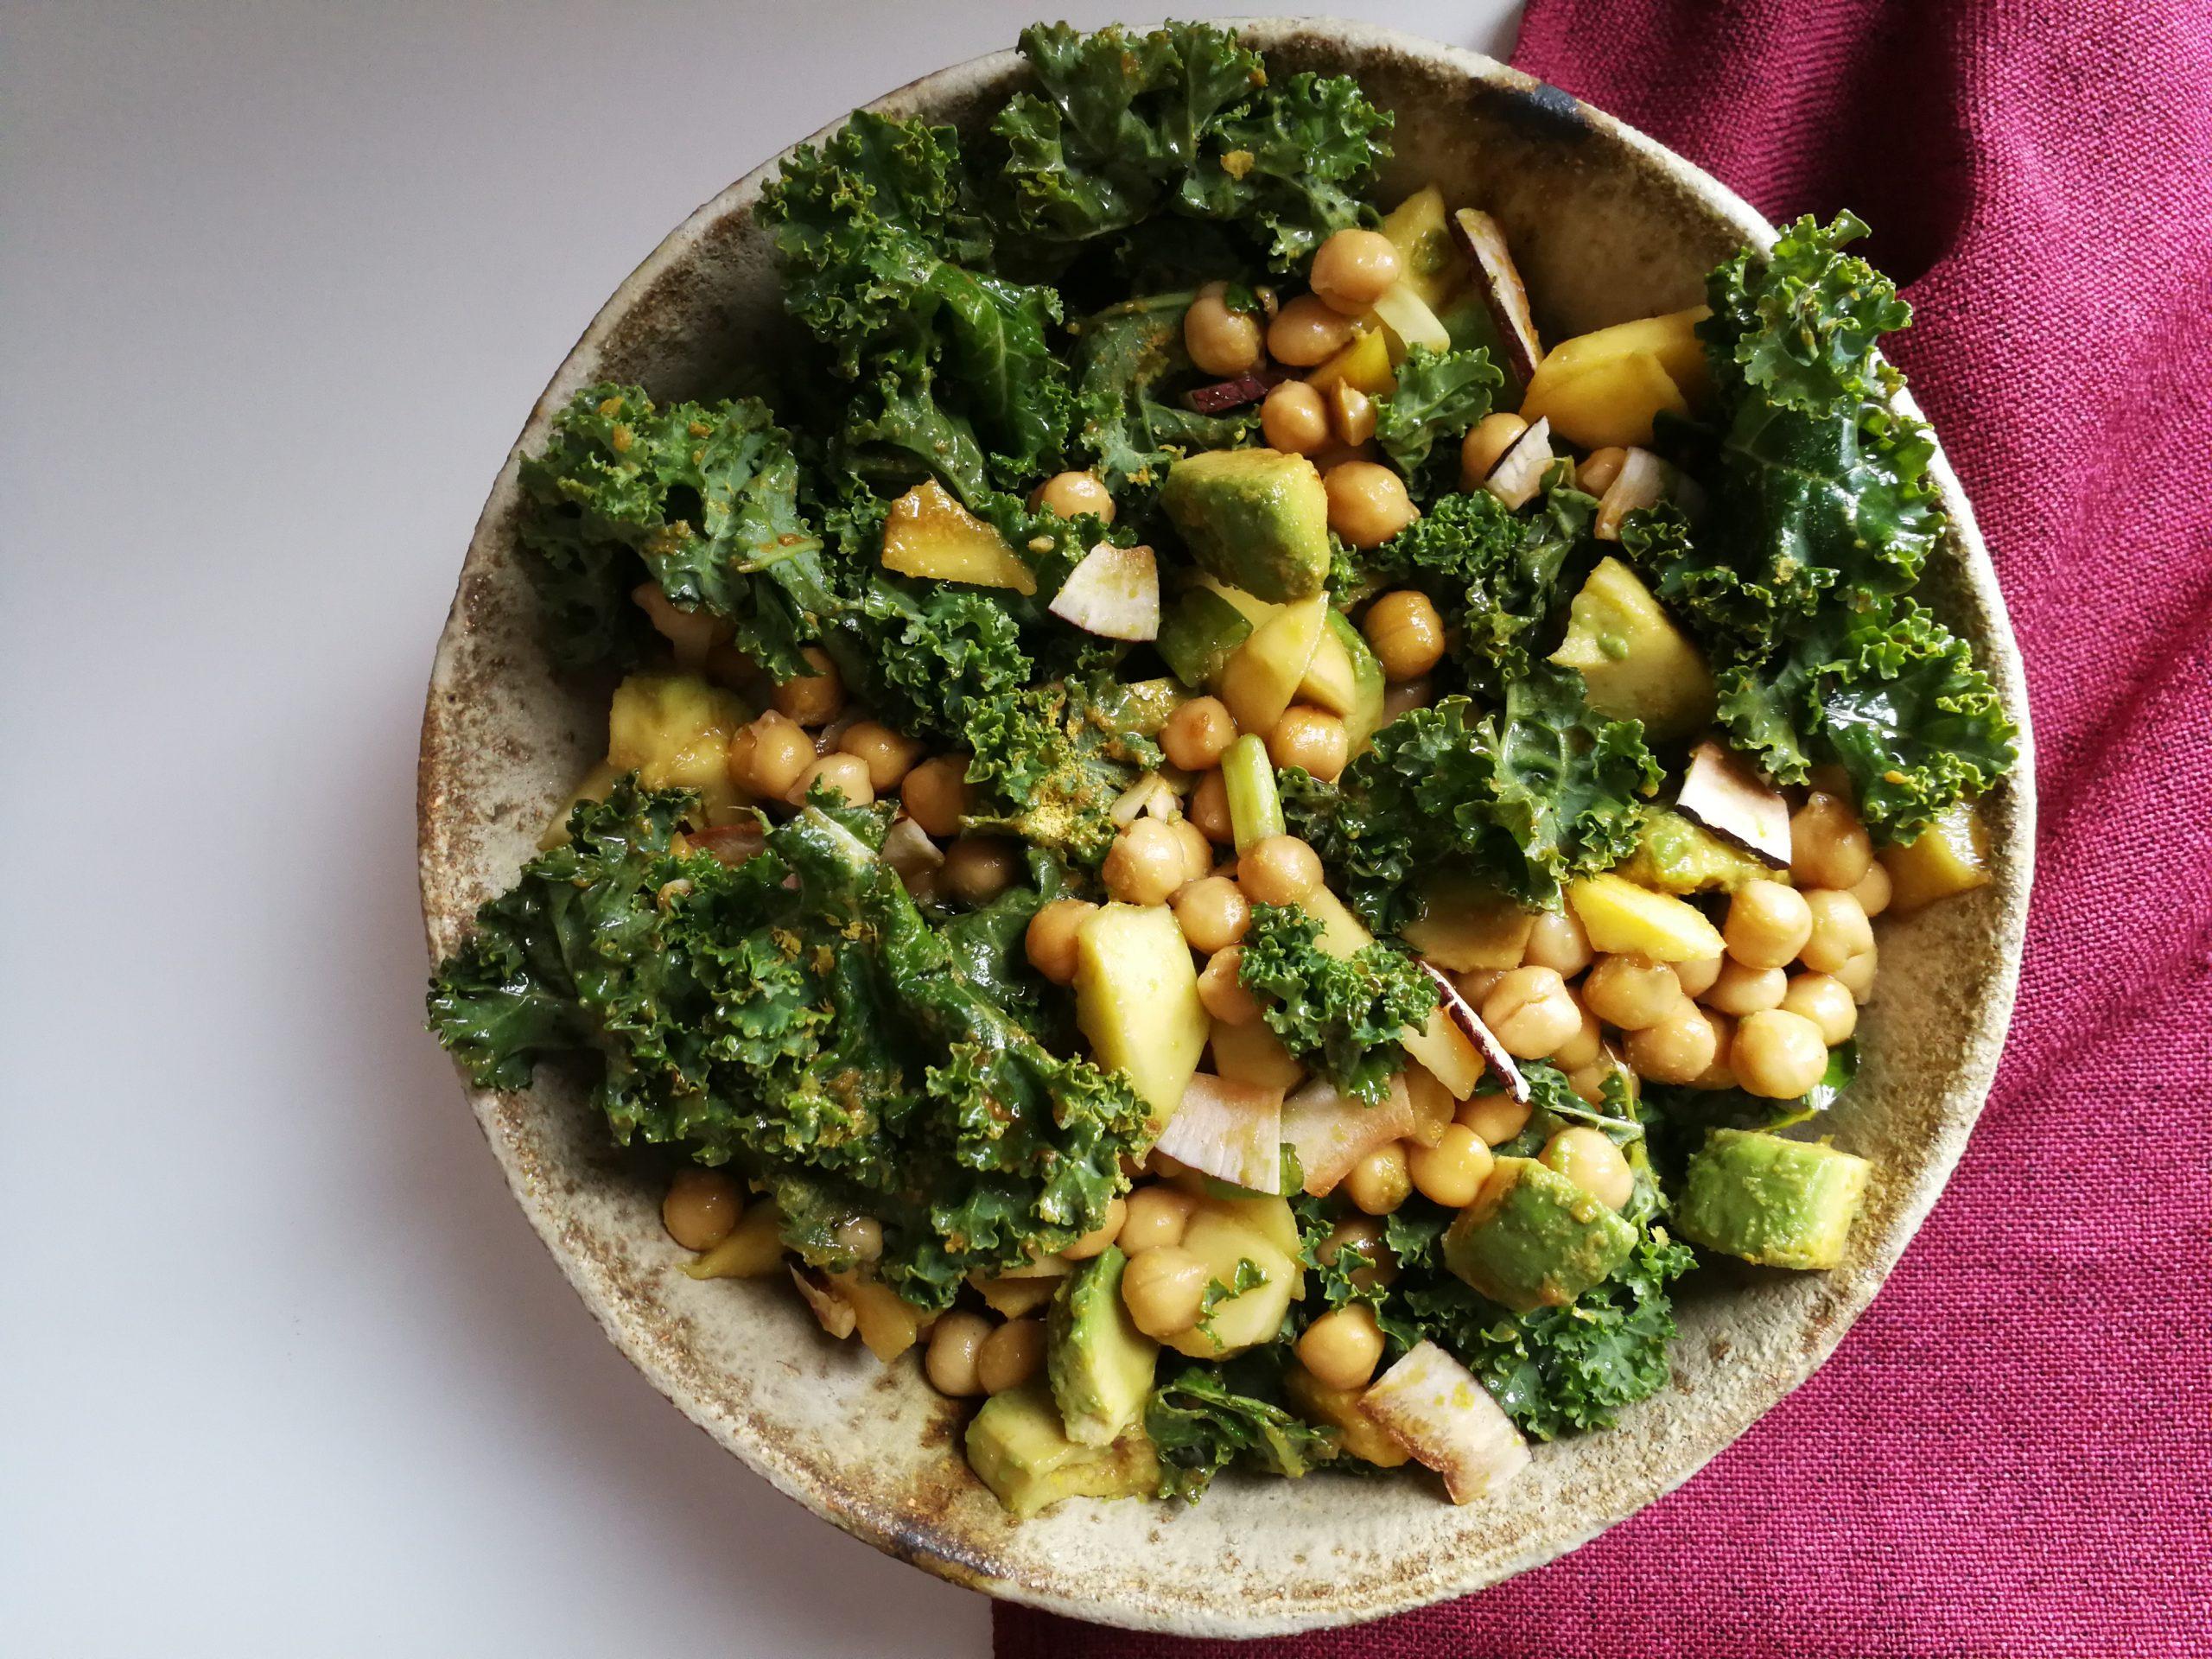 Salade au chou kale, à la mangue et aux pois chiches